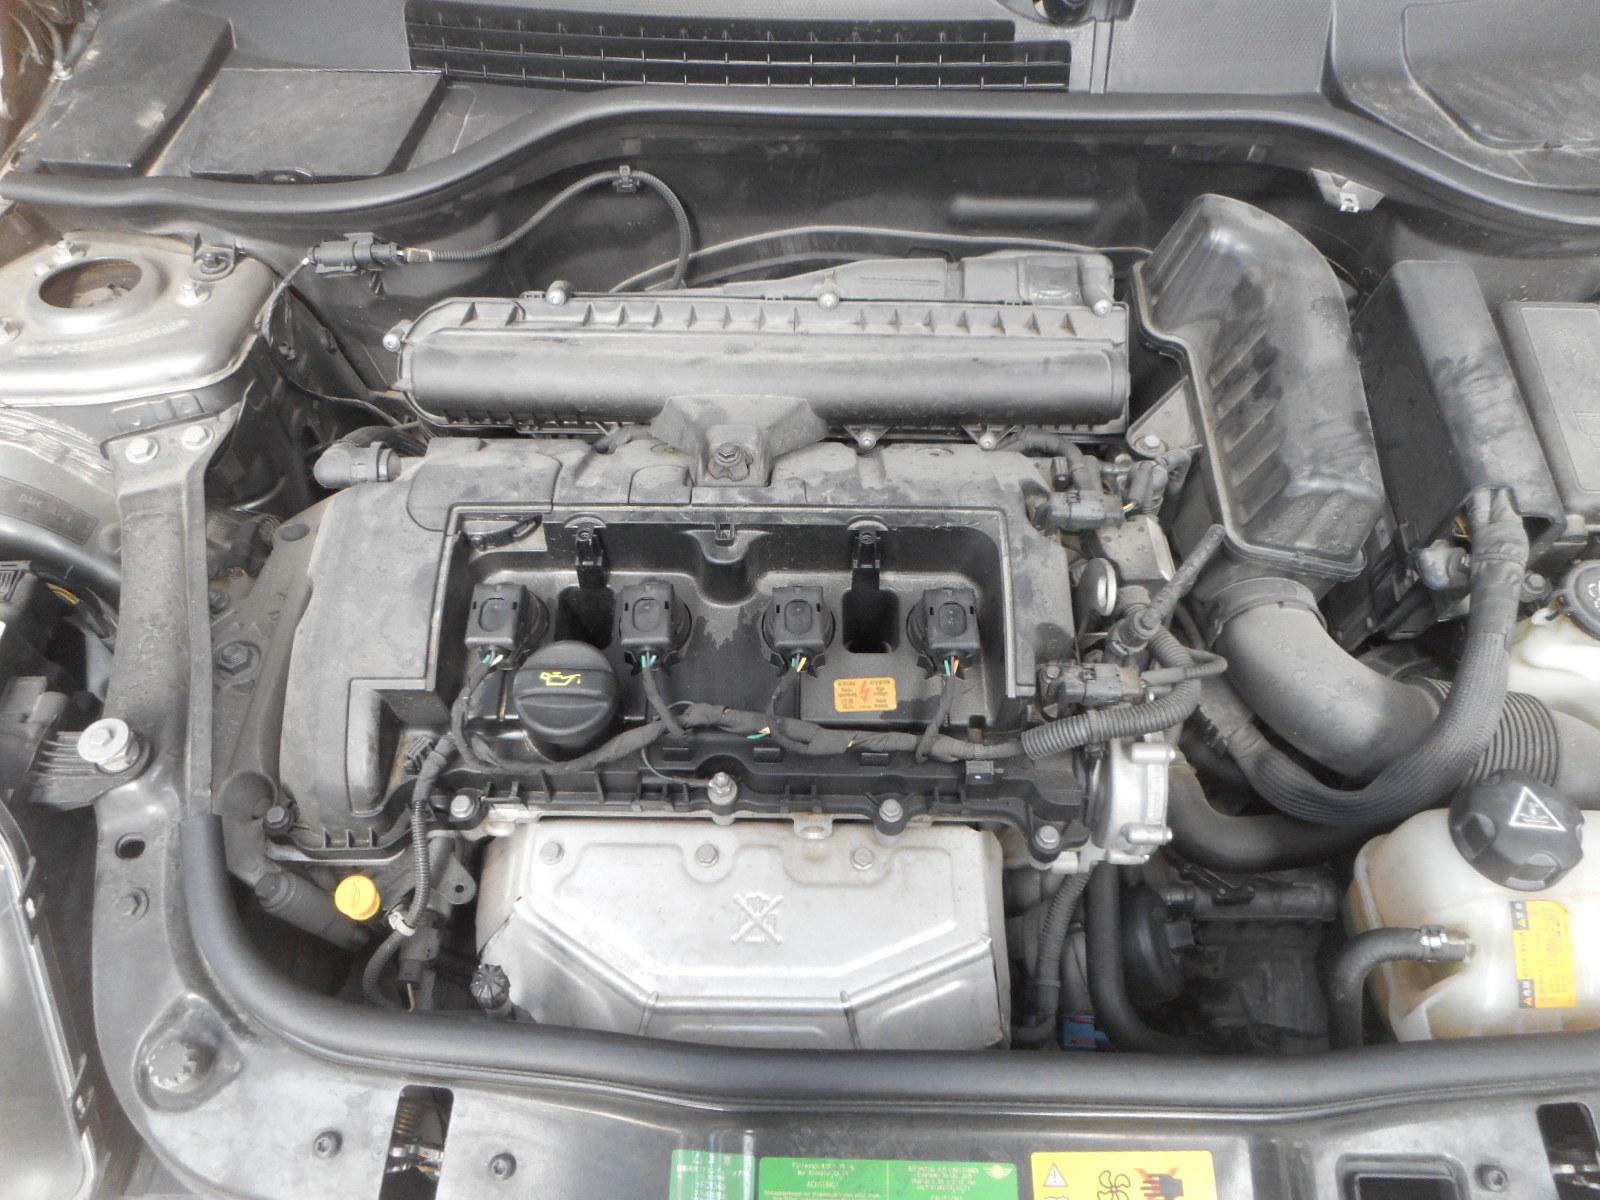 BMWミニ (R56)クラブマン エンジン不調修理(イグニッションコイル他)_c0267693_17411384.jpg